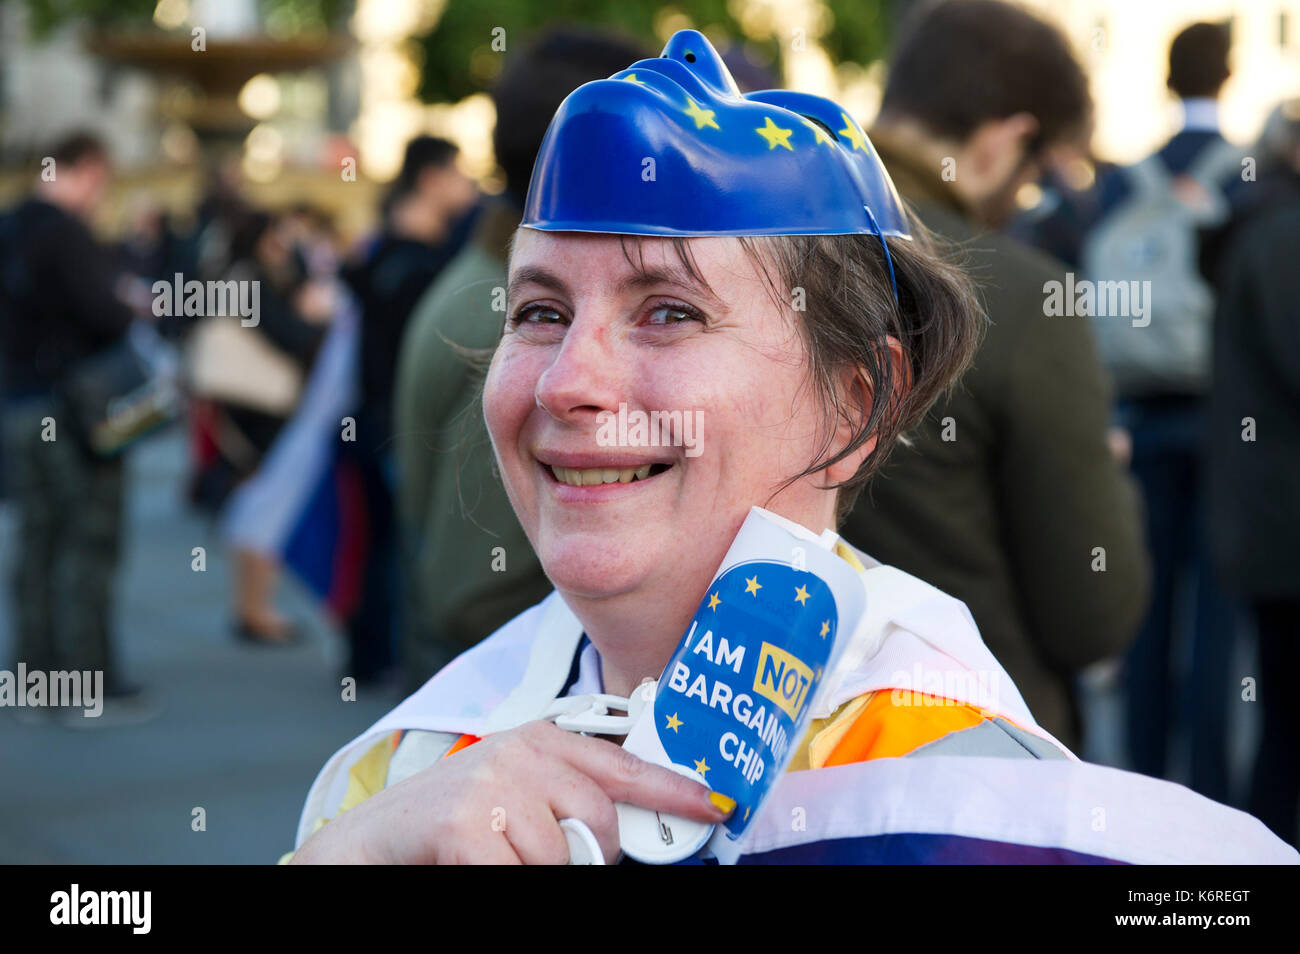 London, Großbritannien. 13 Sep, 2017. Eine Frau mit einer Europäischen Union Maske auf dem Kopf wird dargestellt, Stockfoto